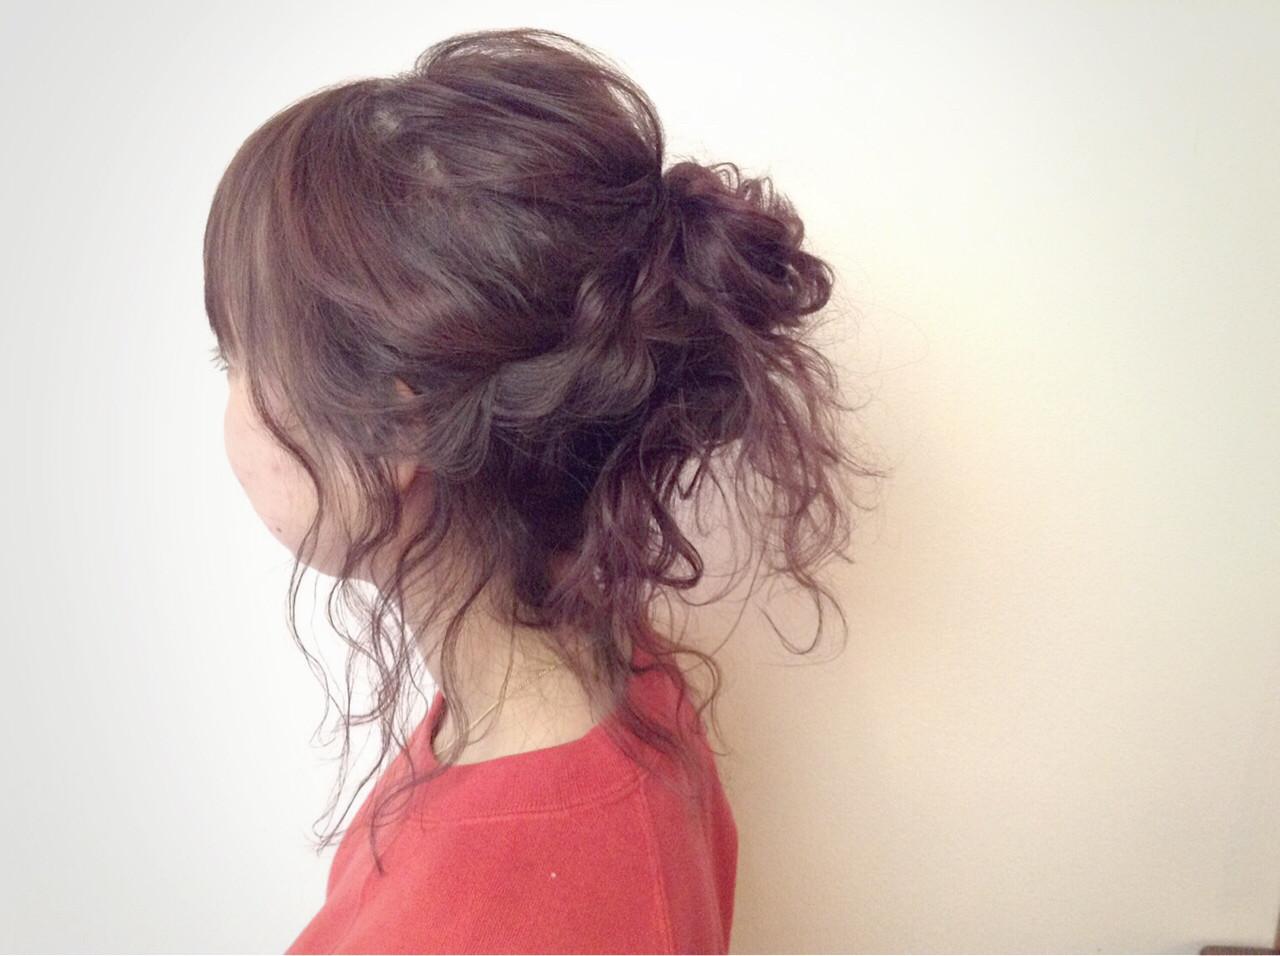 ヘアアレンジ ポニーテール フェミニン ラフ ヘアスタイルや髪型の写真・画像